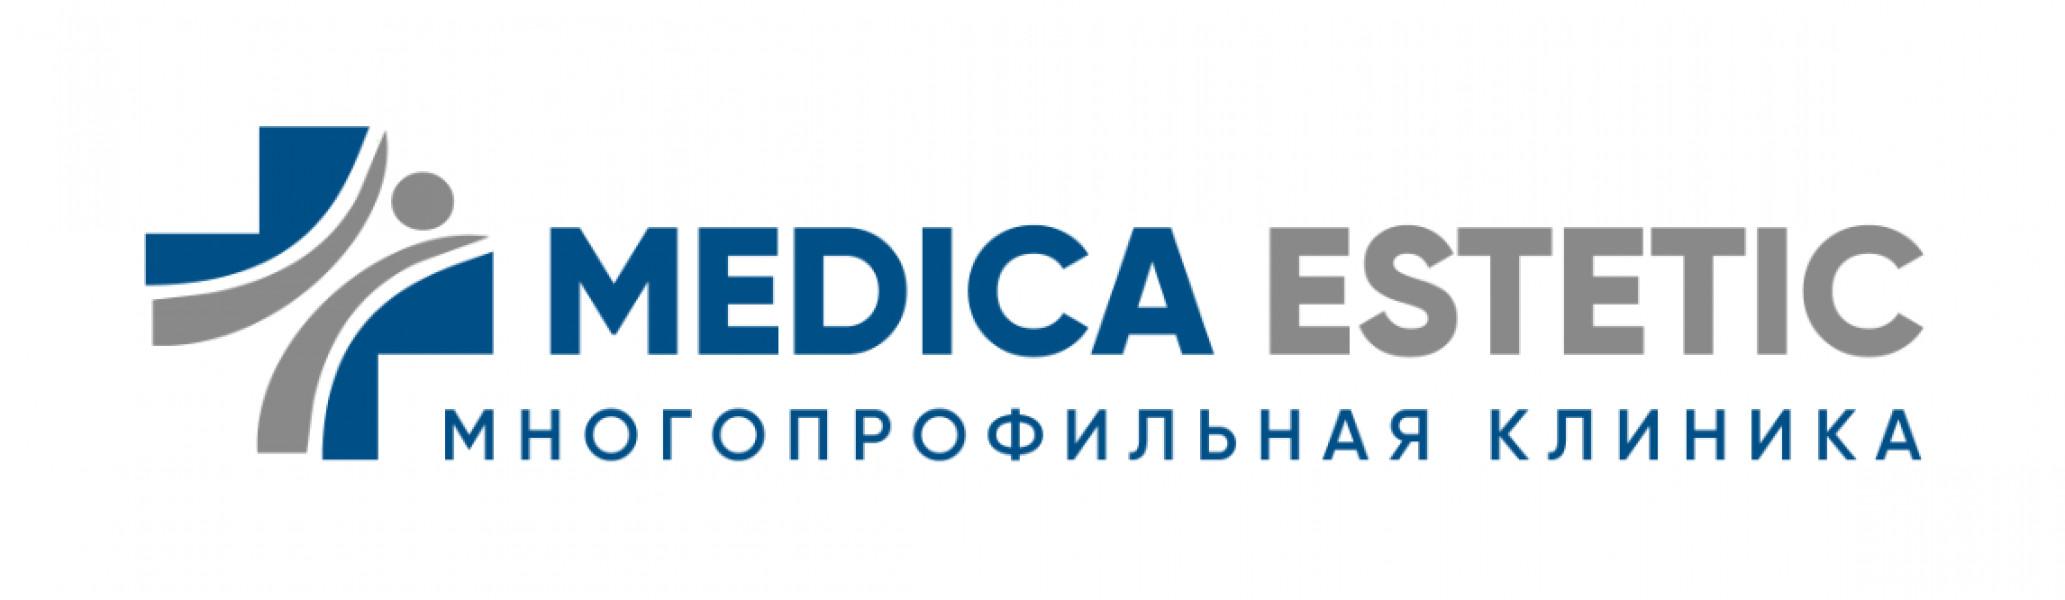 MEDICA ESTETIC